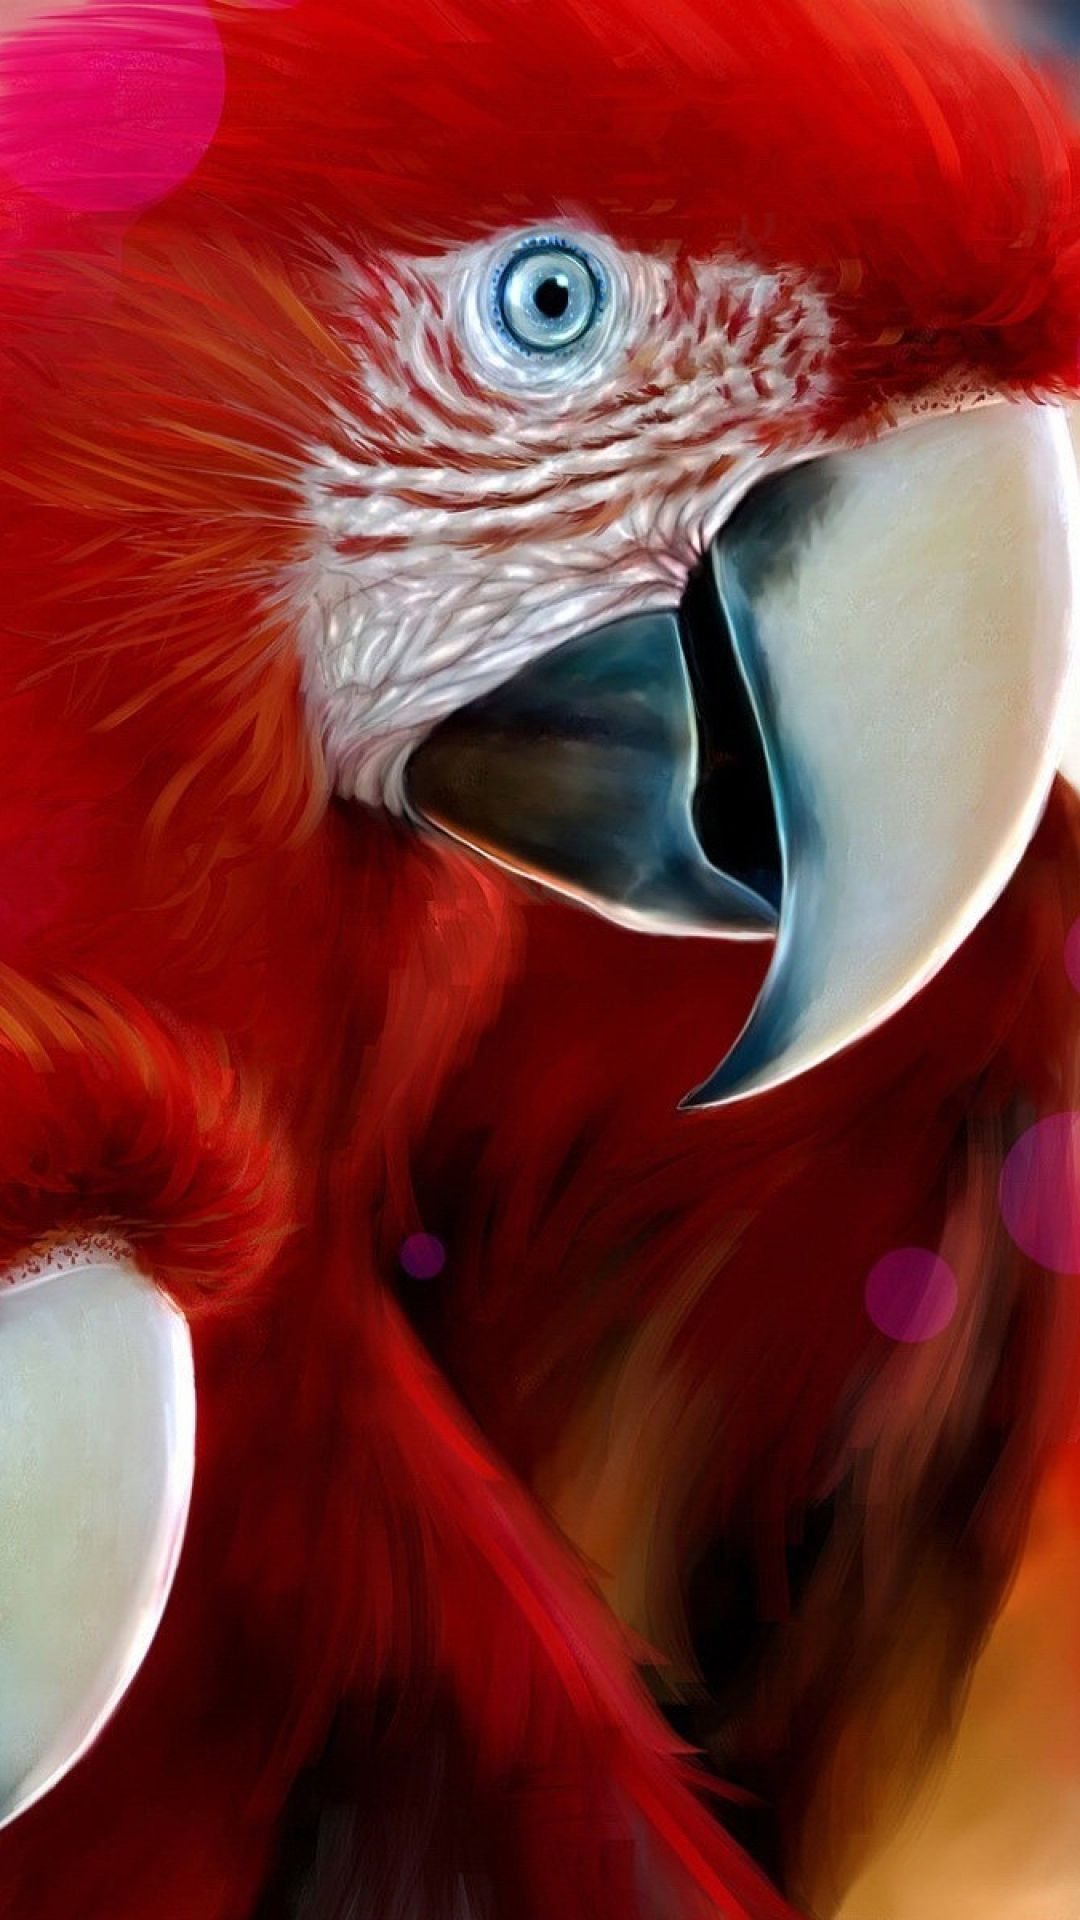 1080x1920 Wallpaper parrots, pair, beak, color | Parrots | Pinterest ...